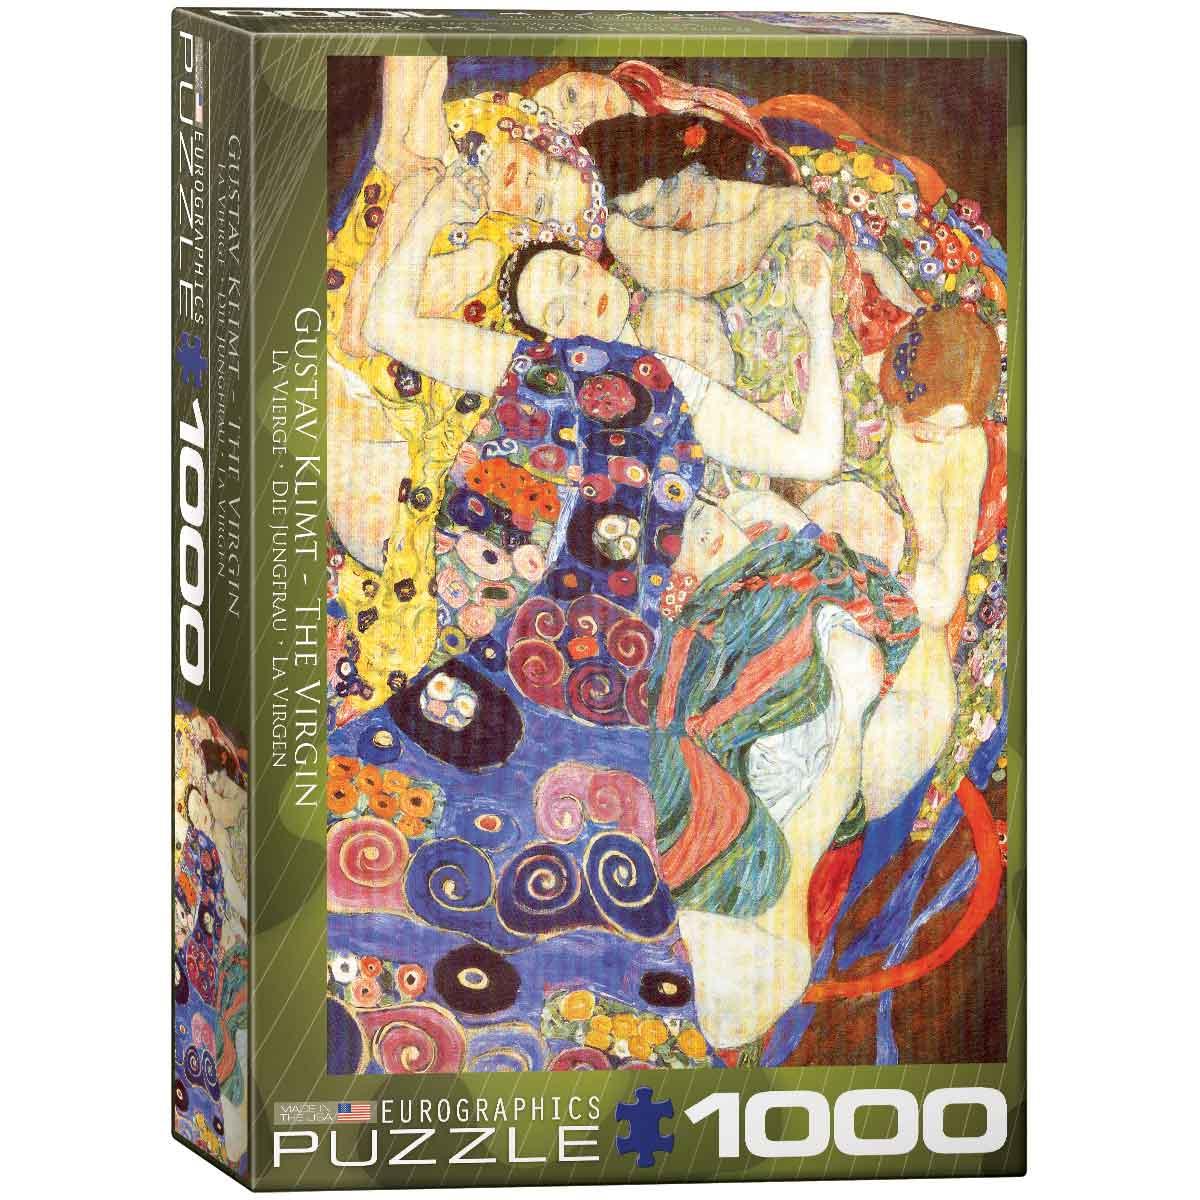 Puzzle Eurographics La Virgen de G. Klimt de 1000 Piezas